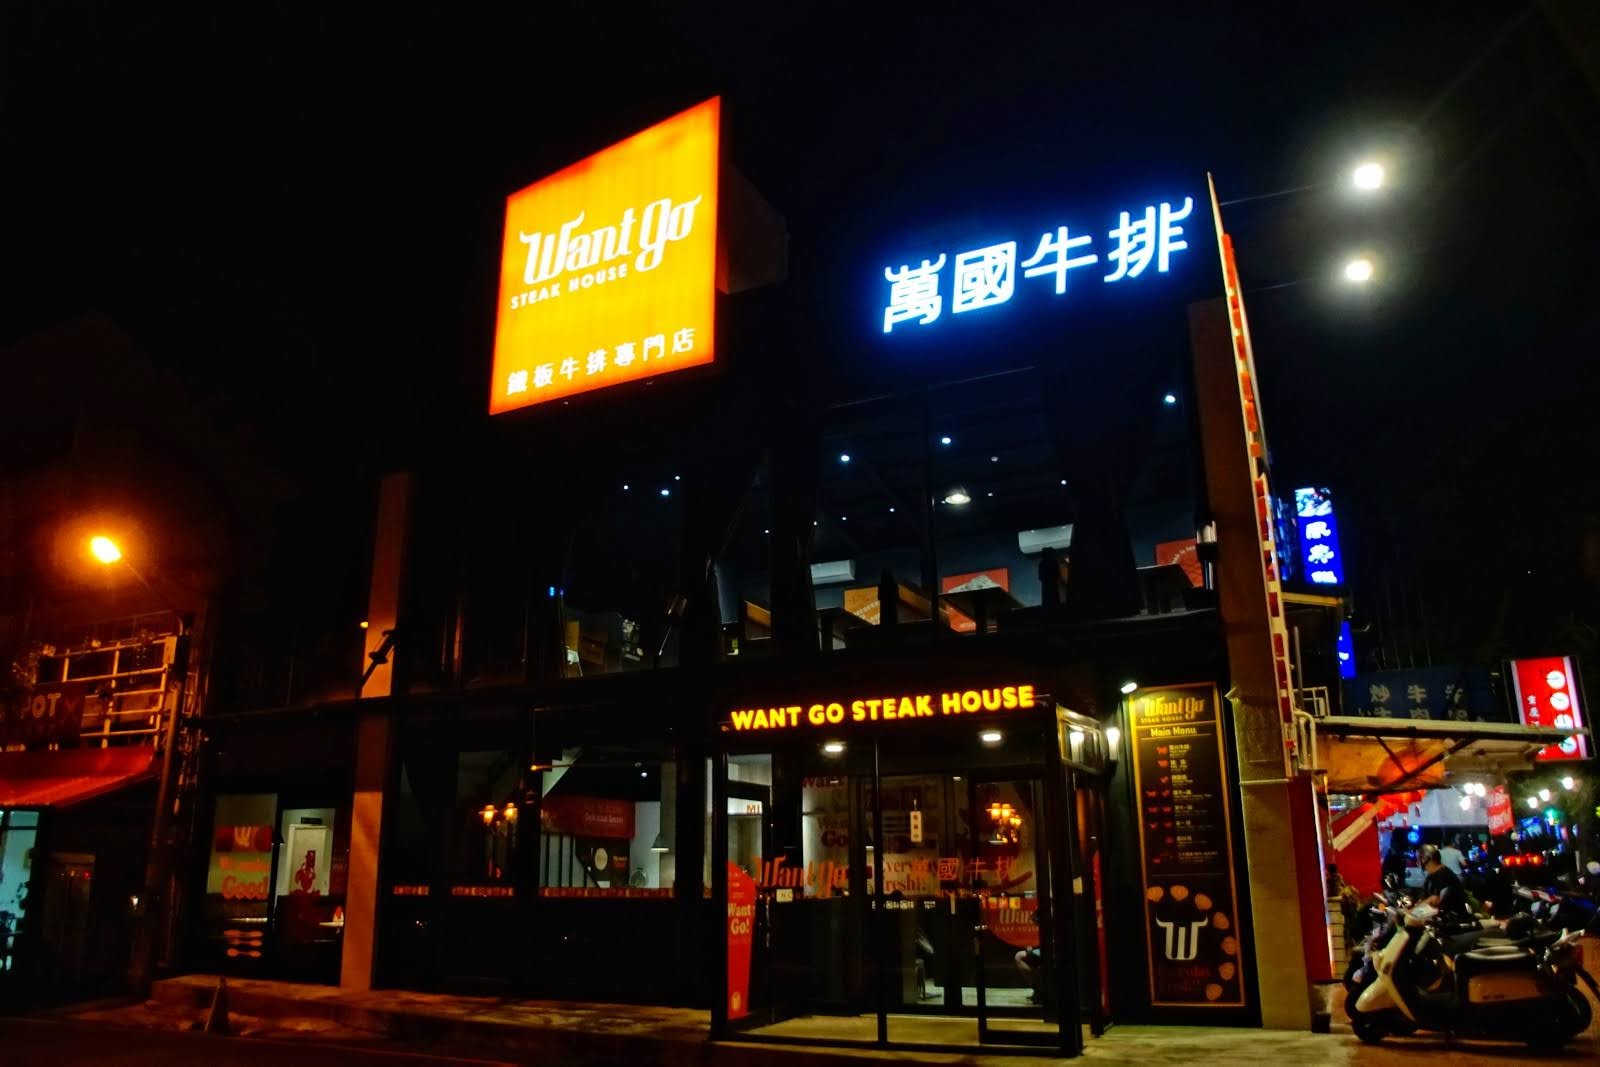 [台南][北區] 萬國牛排|台南小東店|瑞豐夜市起家老字號|食記